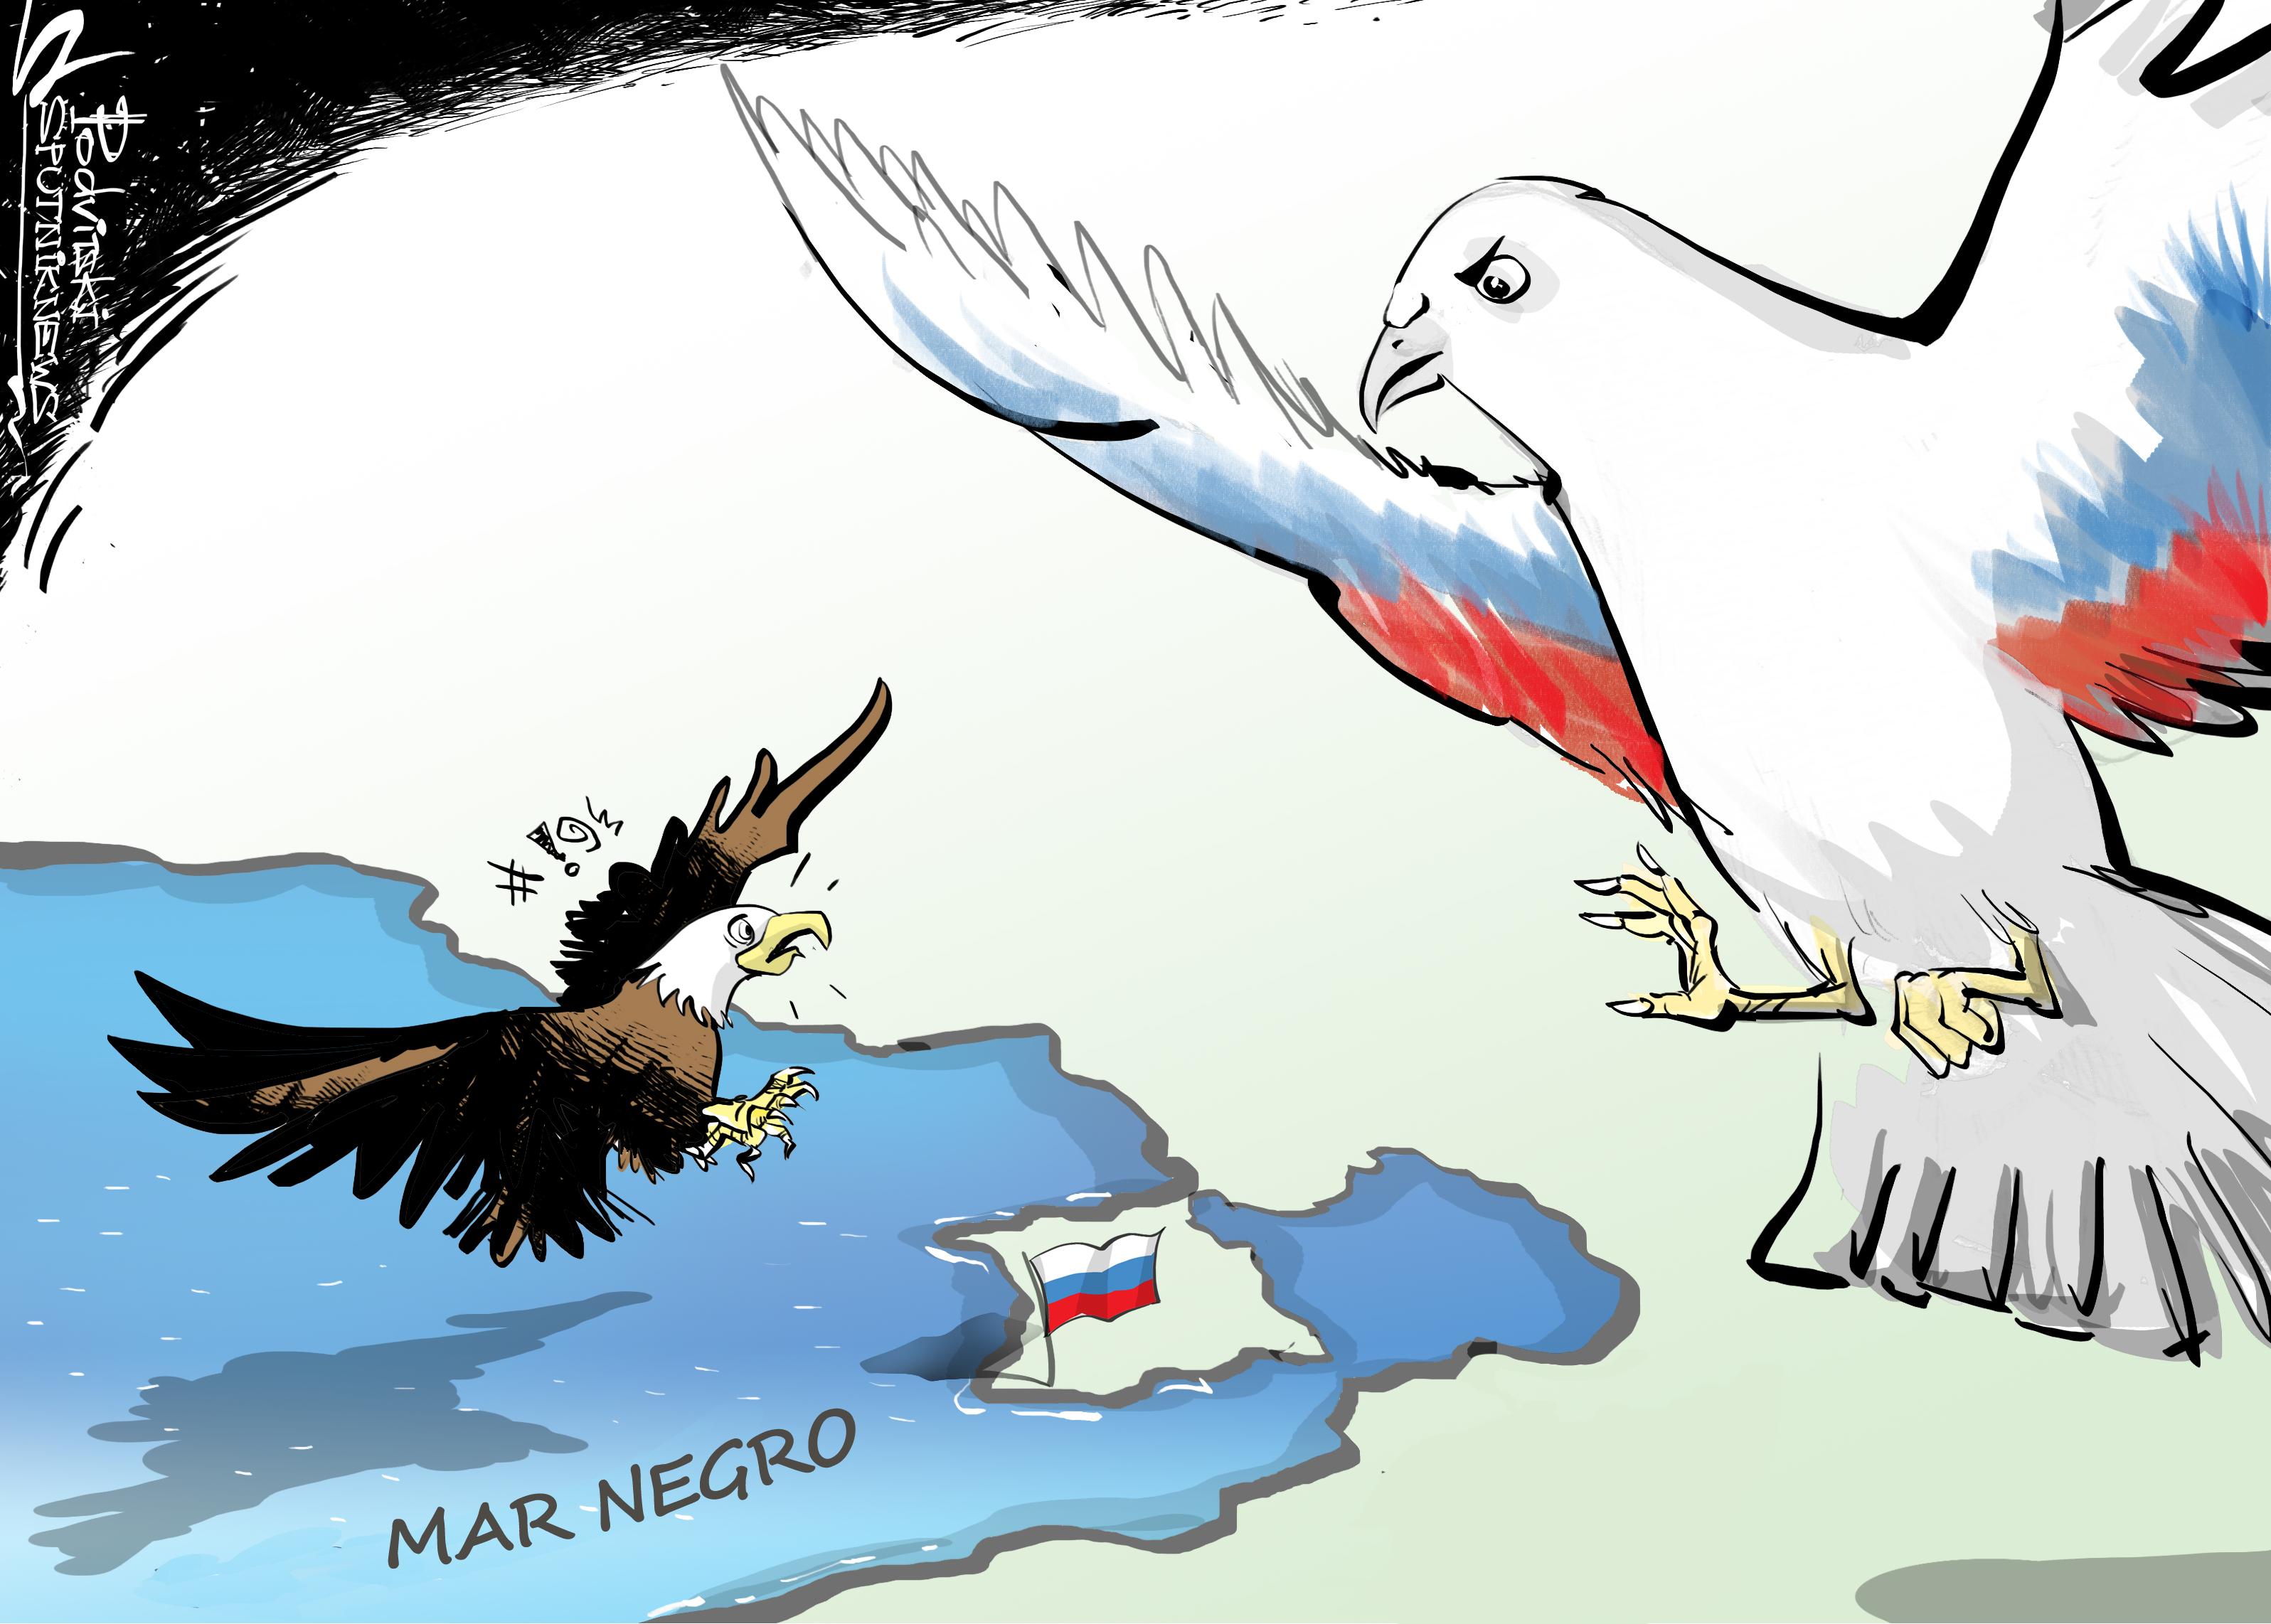 ¡Fuera de aquí! Rusia detecta un avión espía de EEUU cerca de sus fronteras